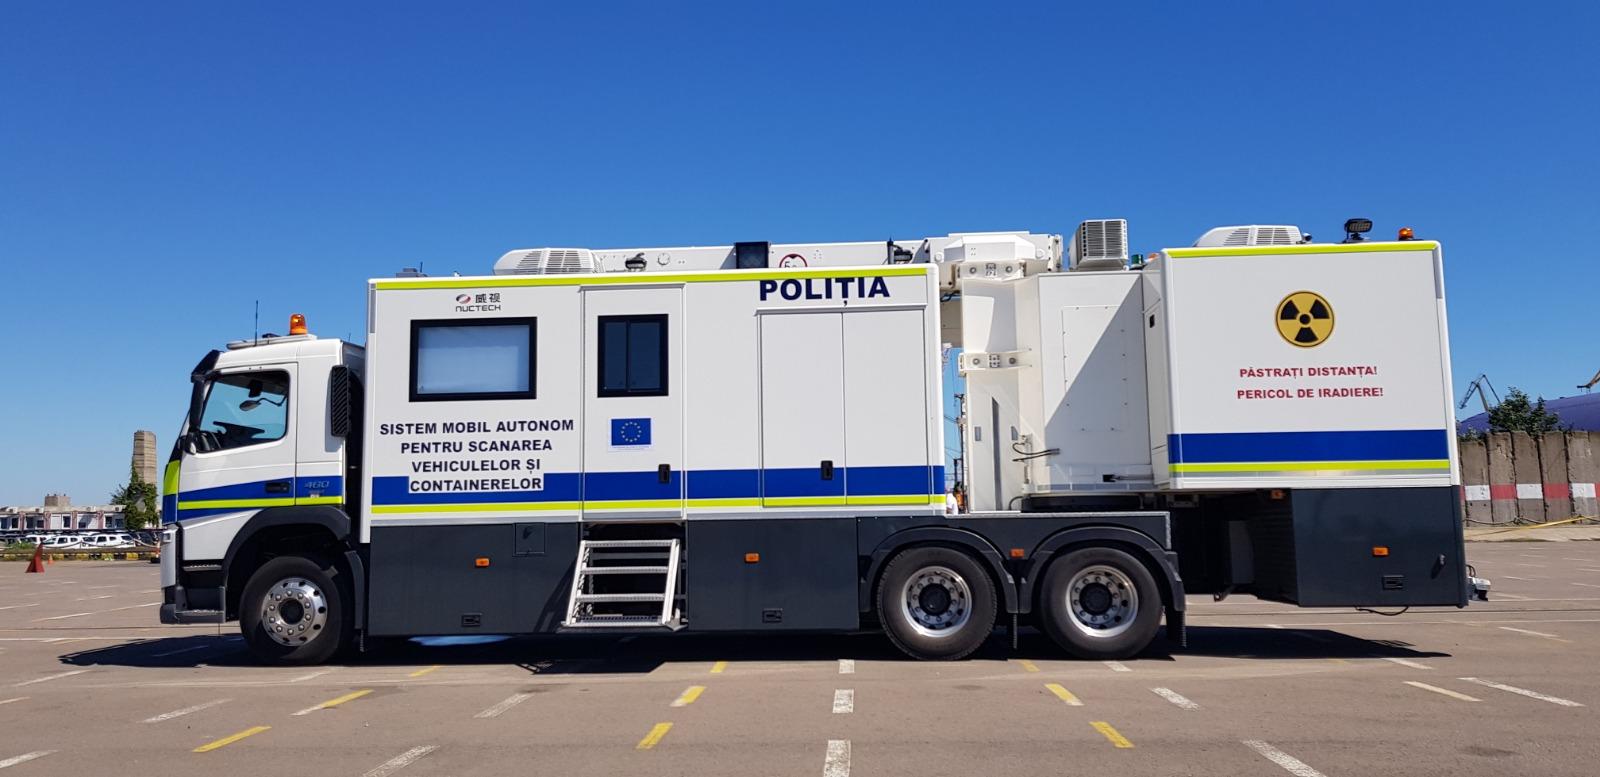 Cum arată noul camion al Poliției folosit pentru scanarea vehiculelor și containerelor - GALERIE FOTO